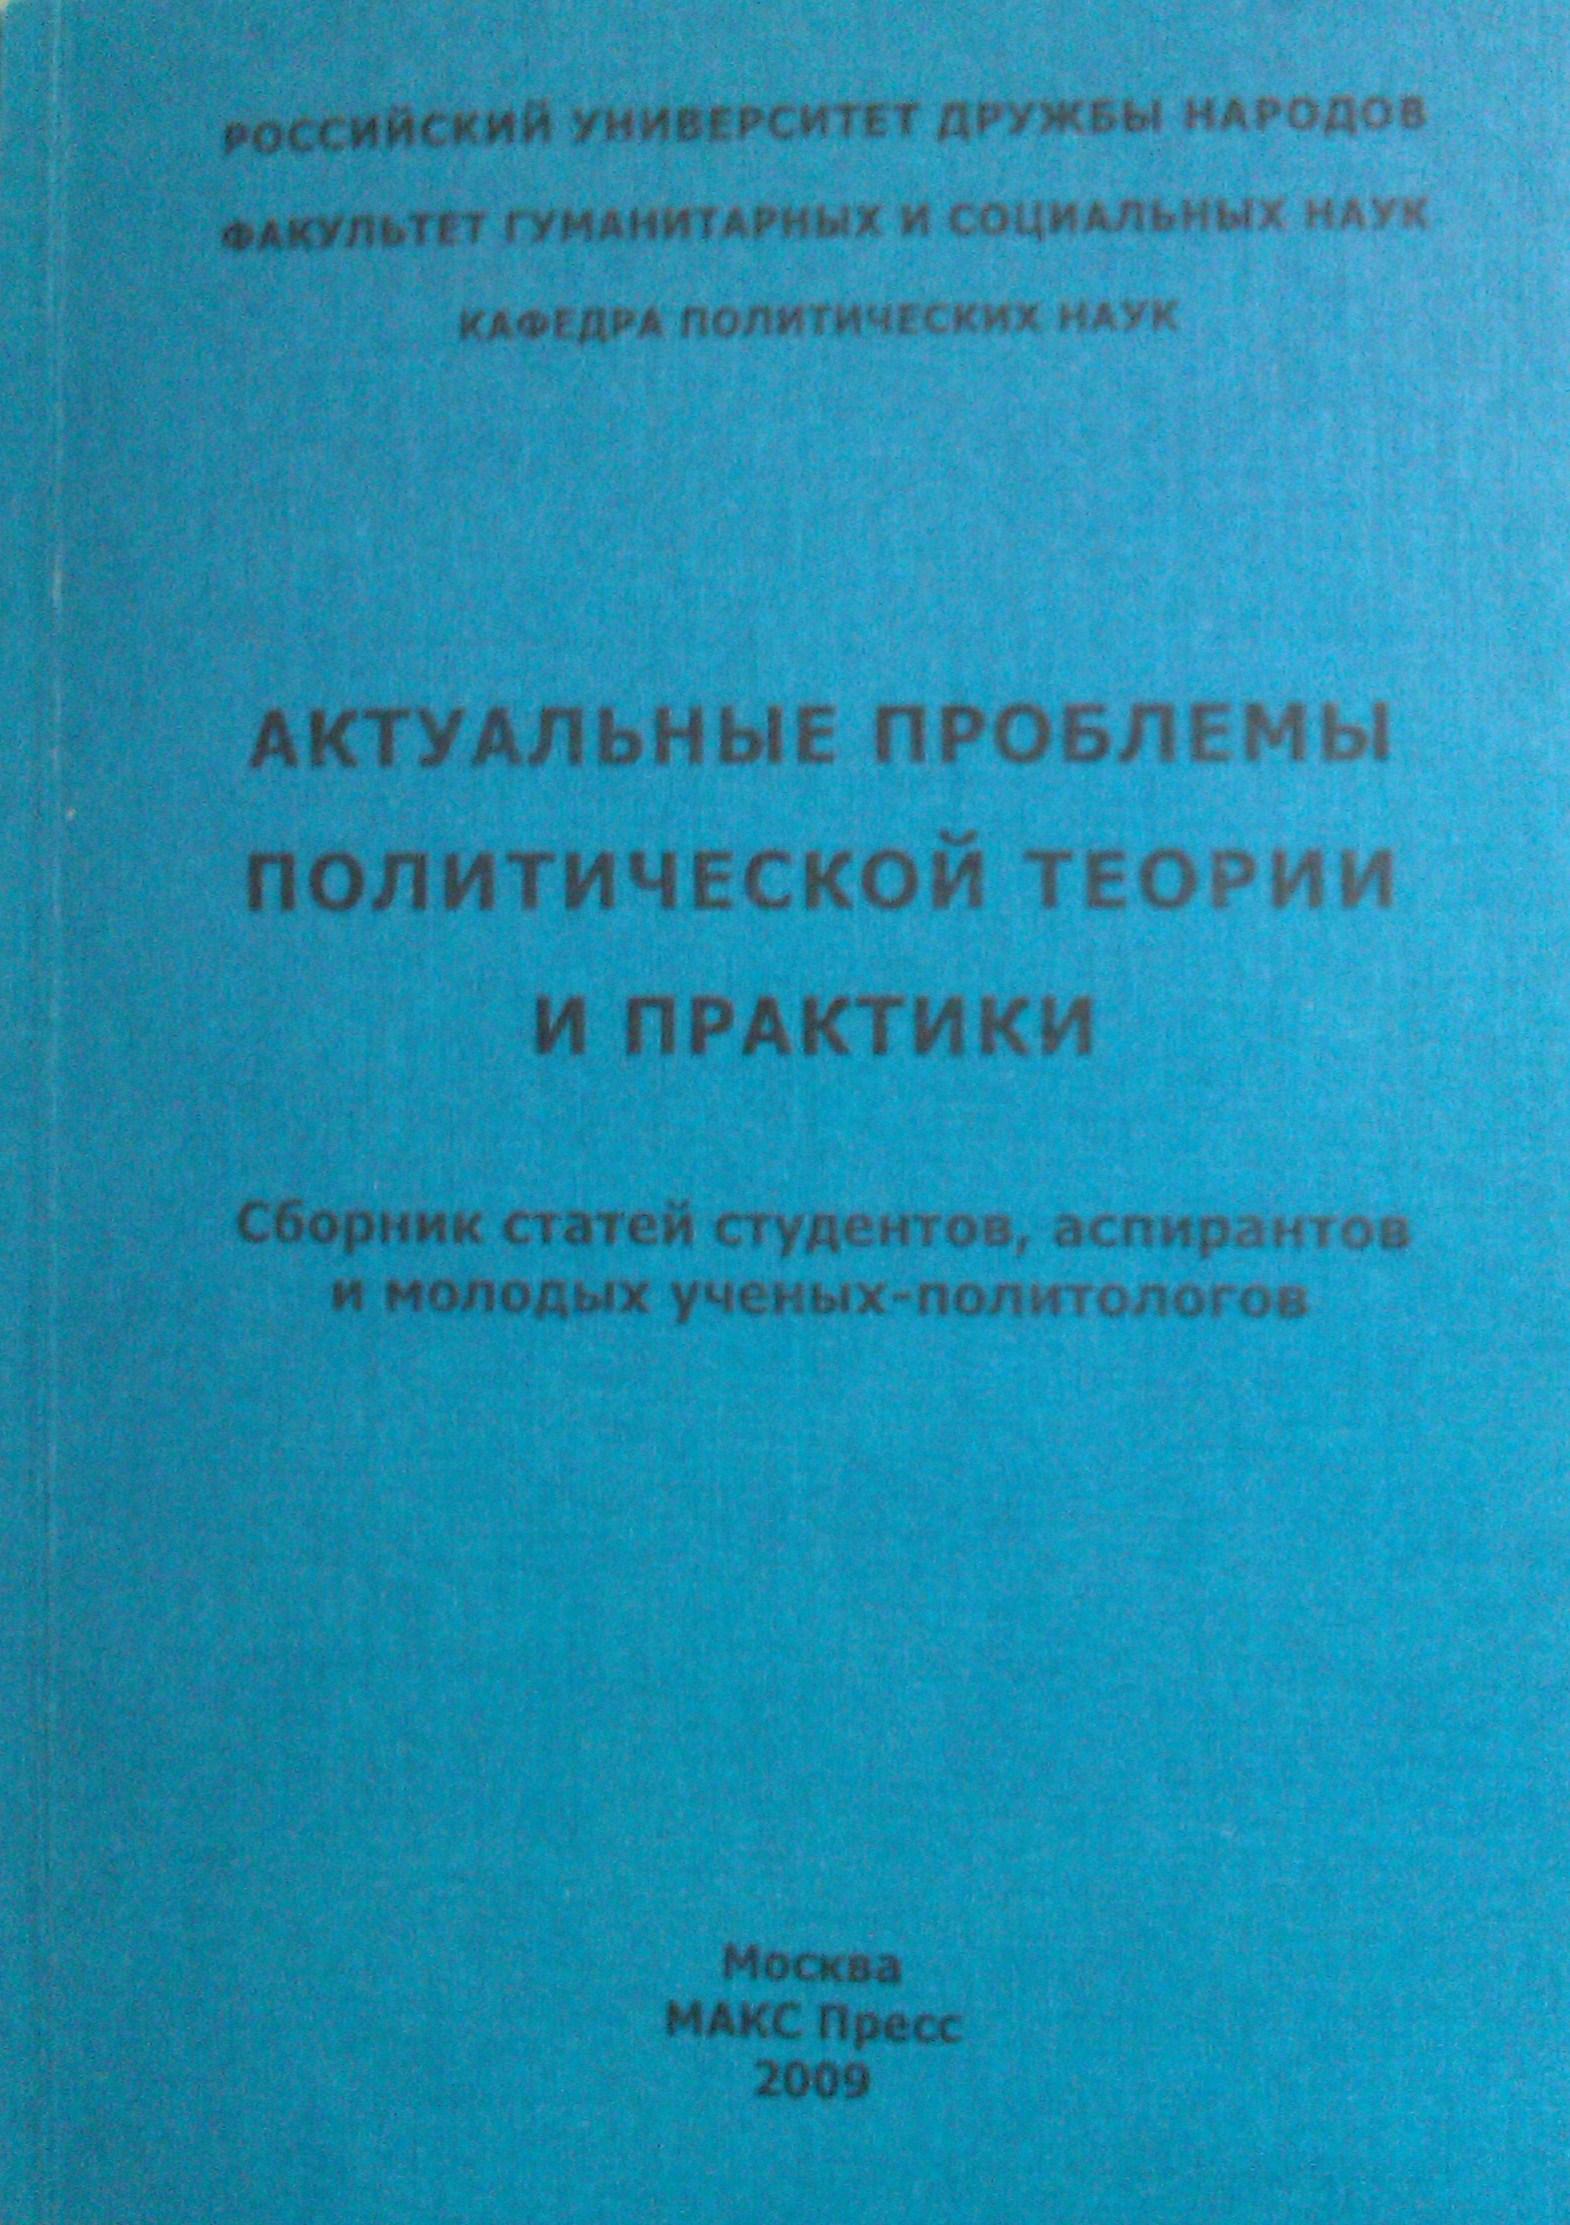 book фармацевтическая информация 18000